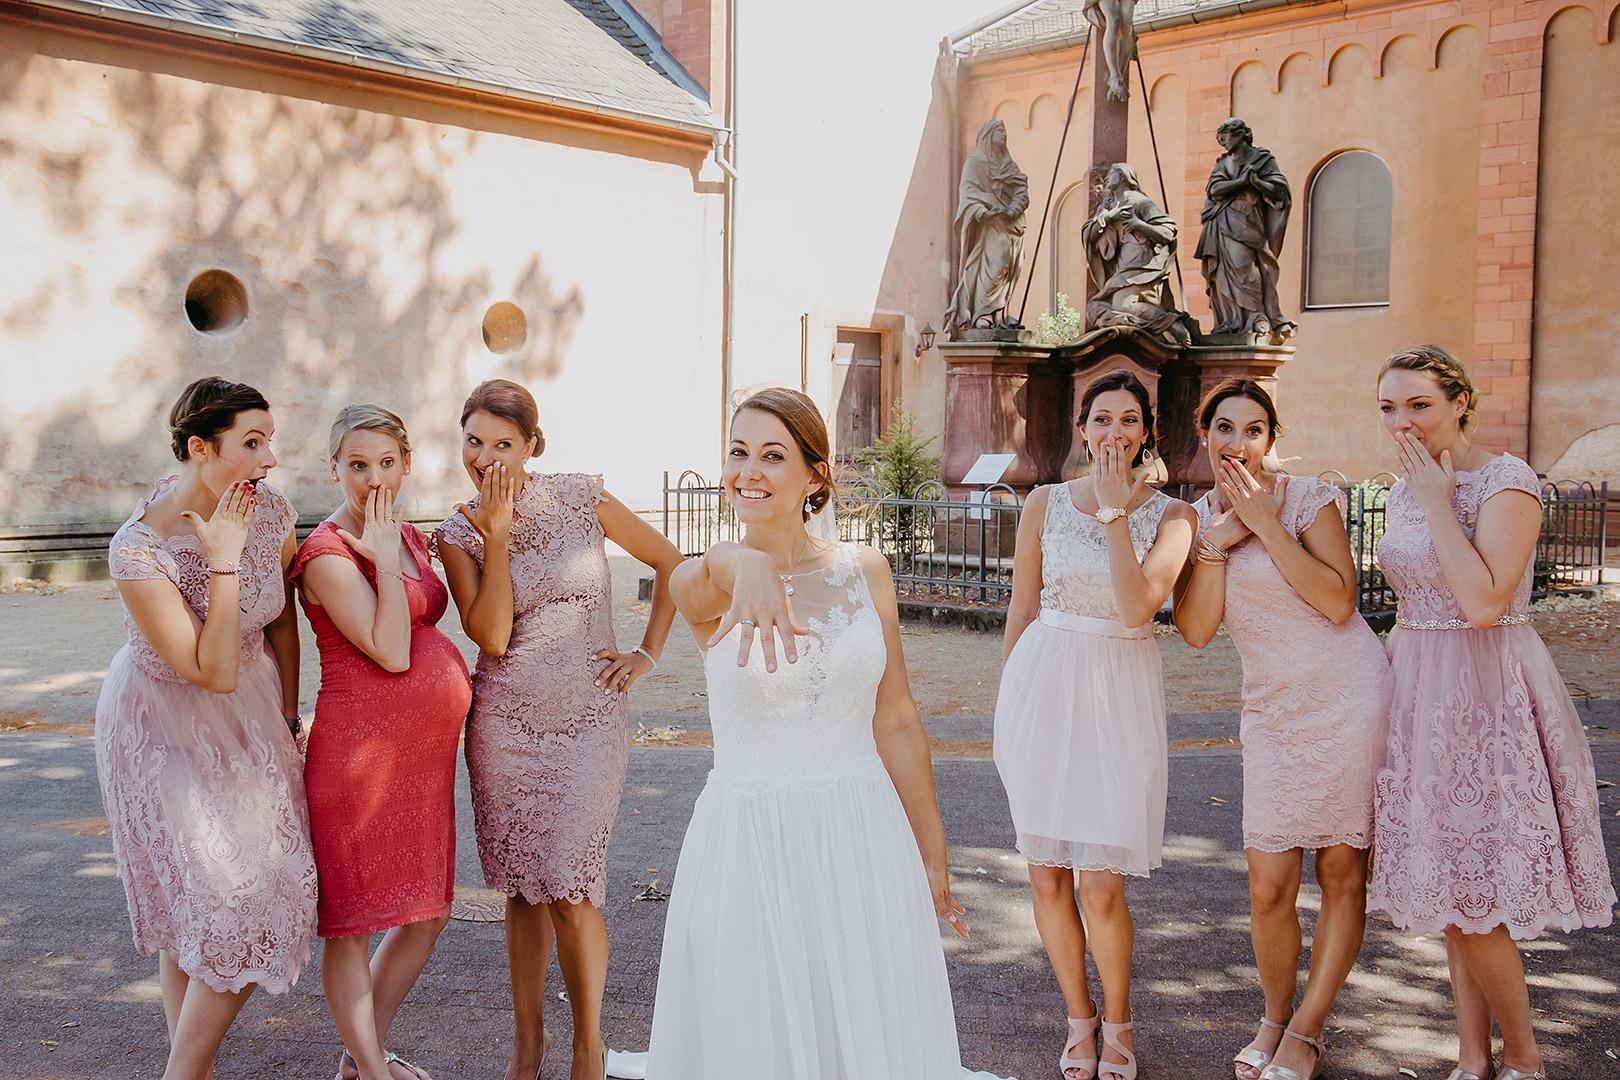 portrait_wedding_IsabellundOliver_58